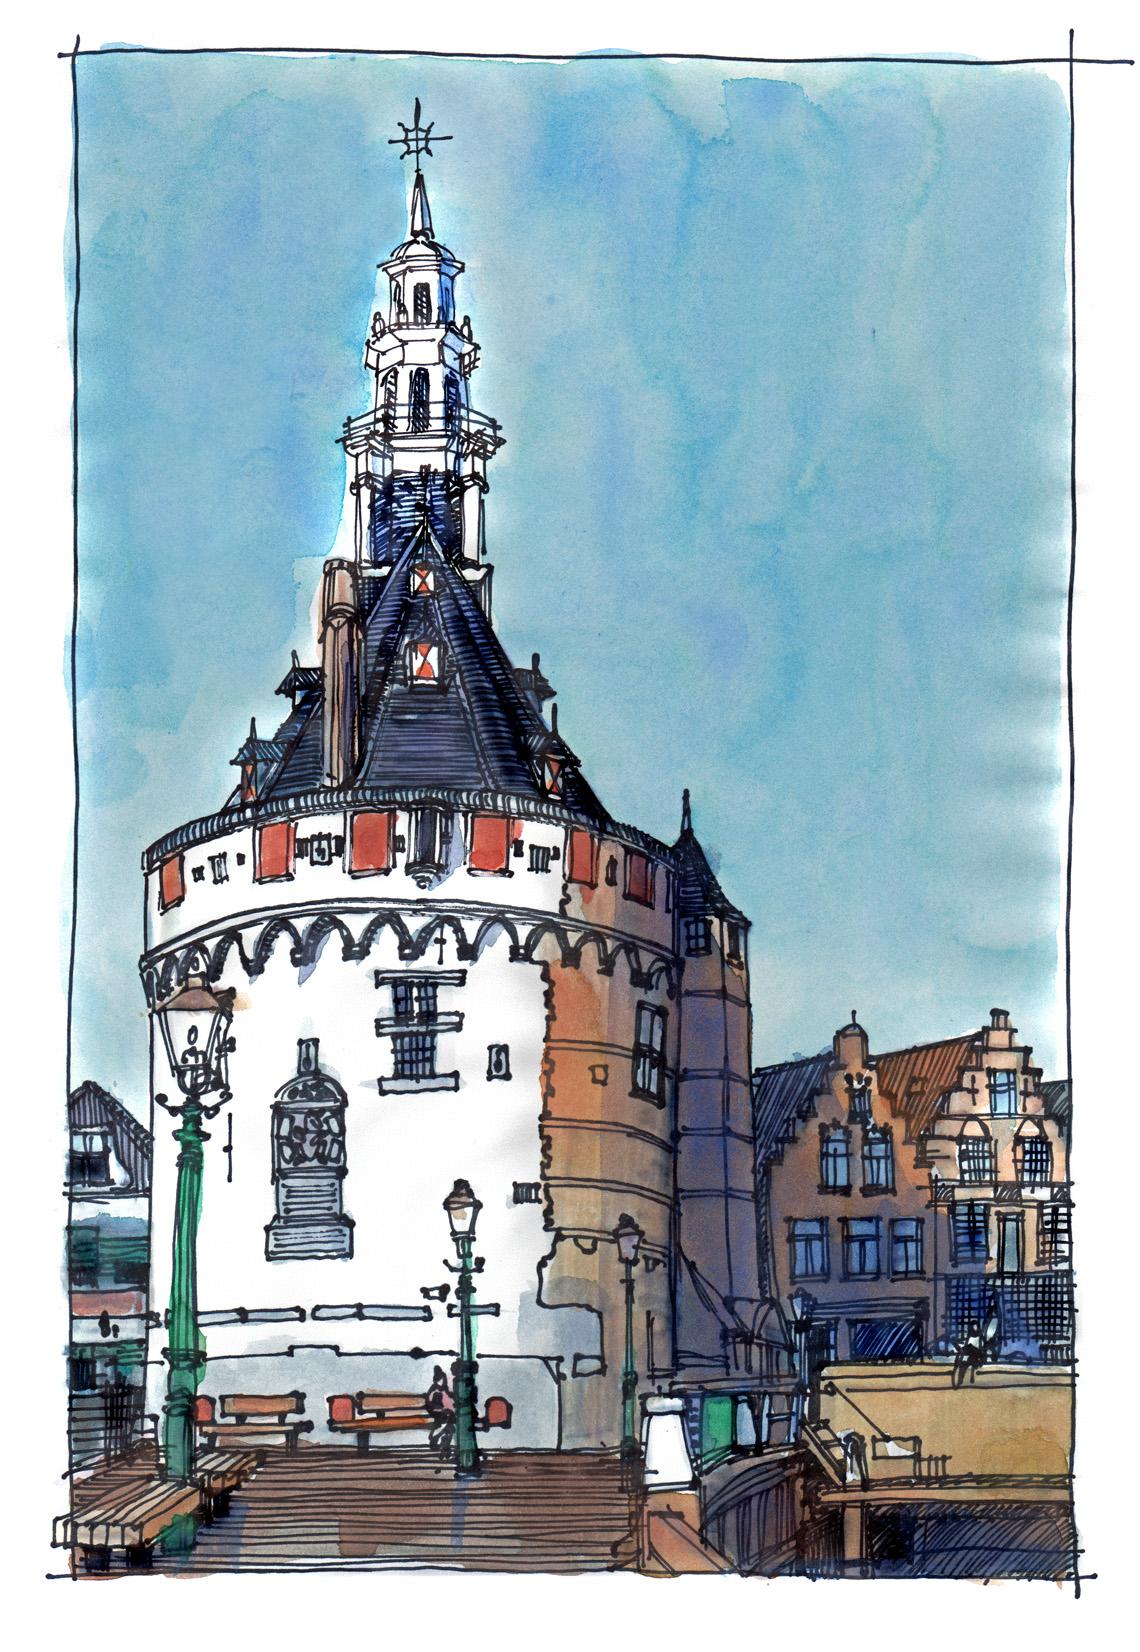 hoofdtoren Hoorn